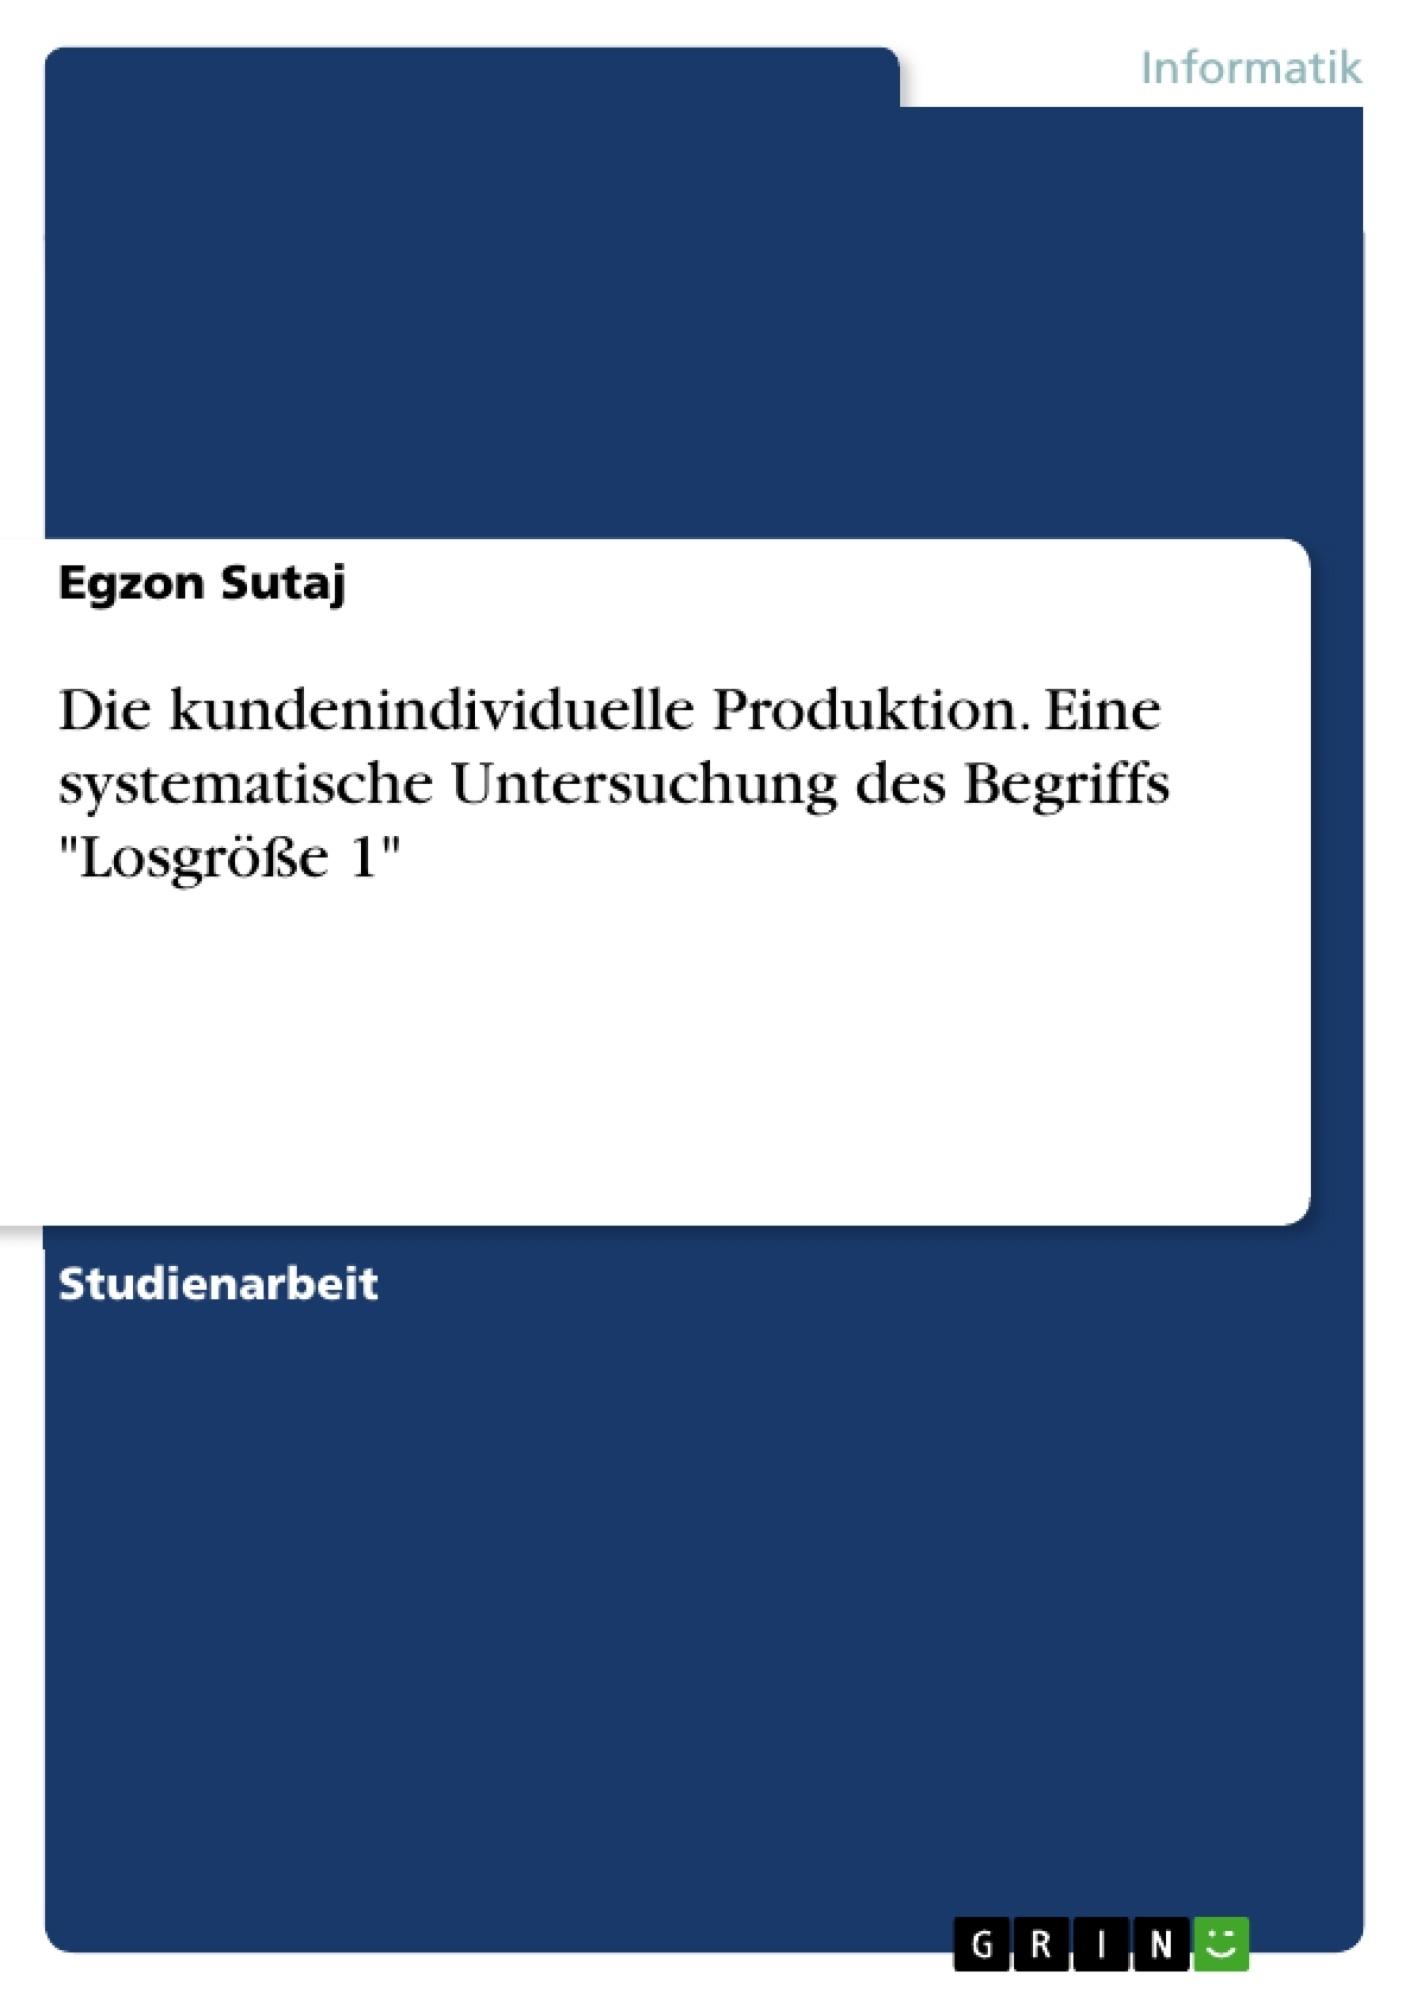 """Titel: Die kundenindividuelle Produktion. Eine systematische Untersuchung des Begriffs """"Losgröße 1"""""""